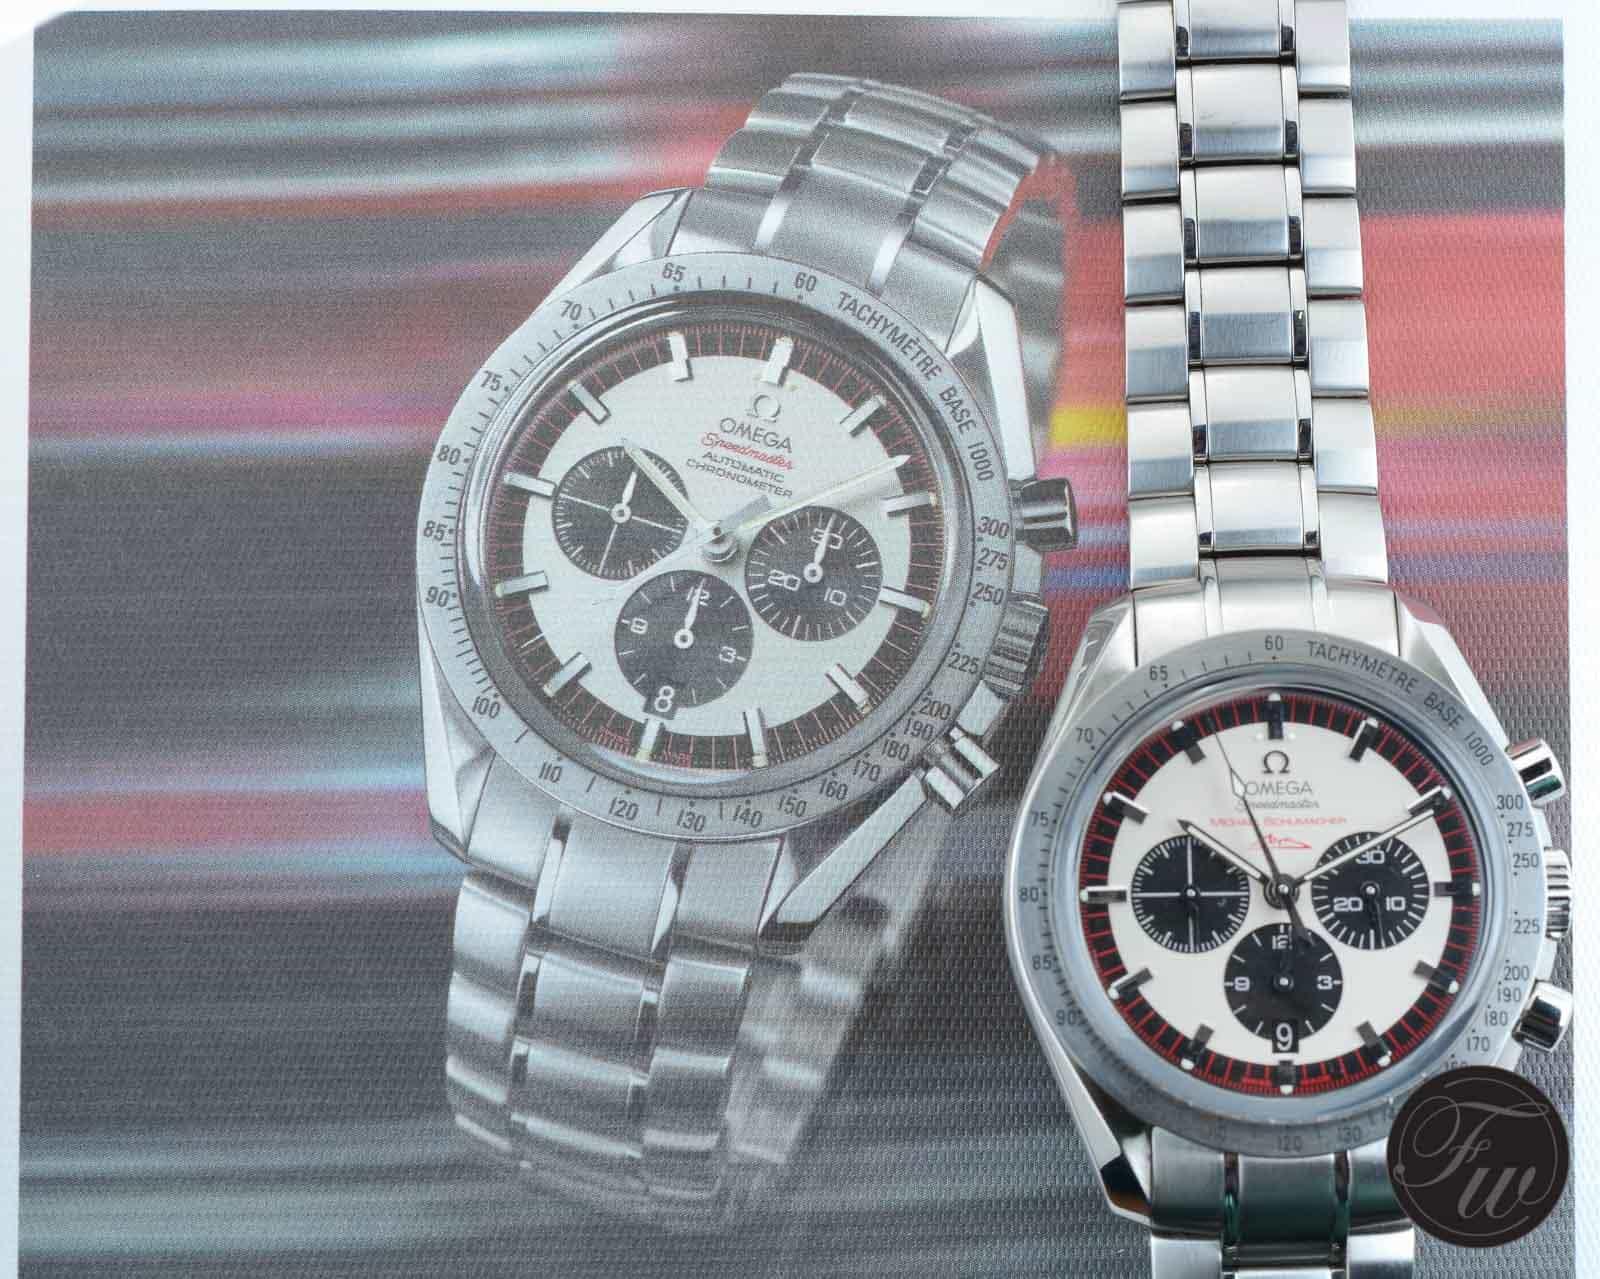 Omega Speedmaster Michael Schumacher 3553.32